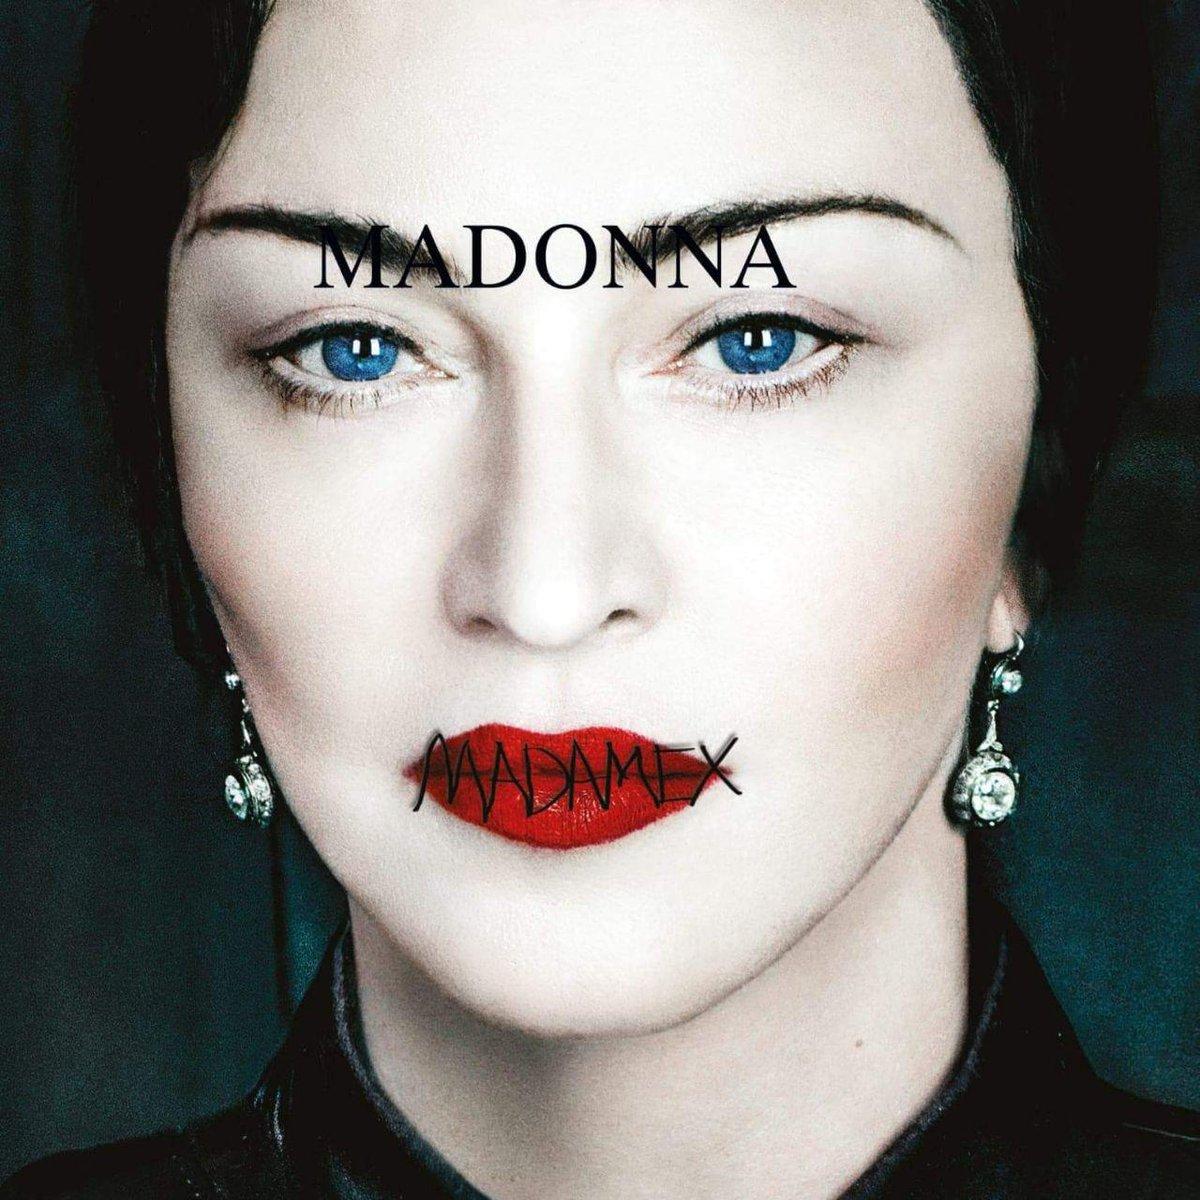 Madonna Madame X artwork cover